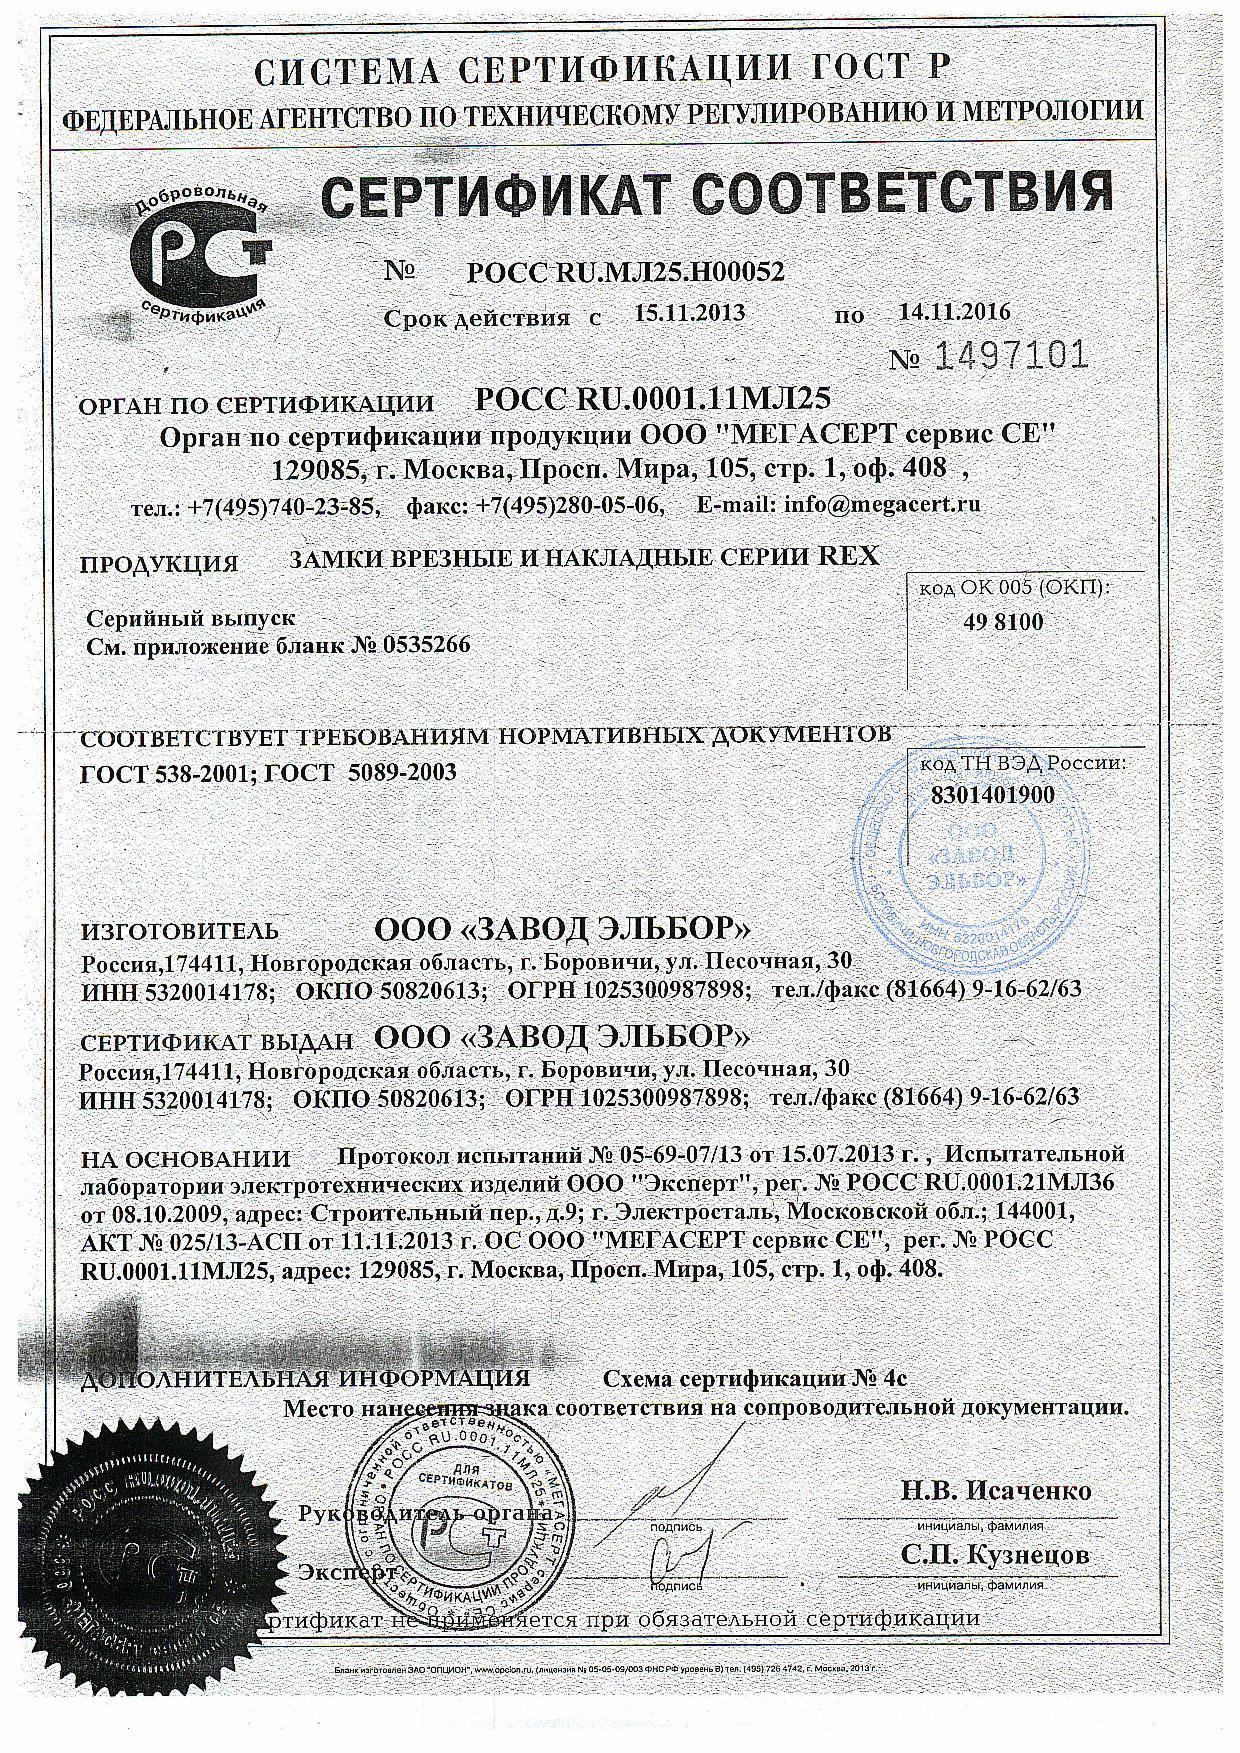 Сертификат на замки